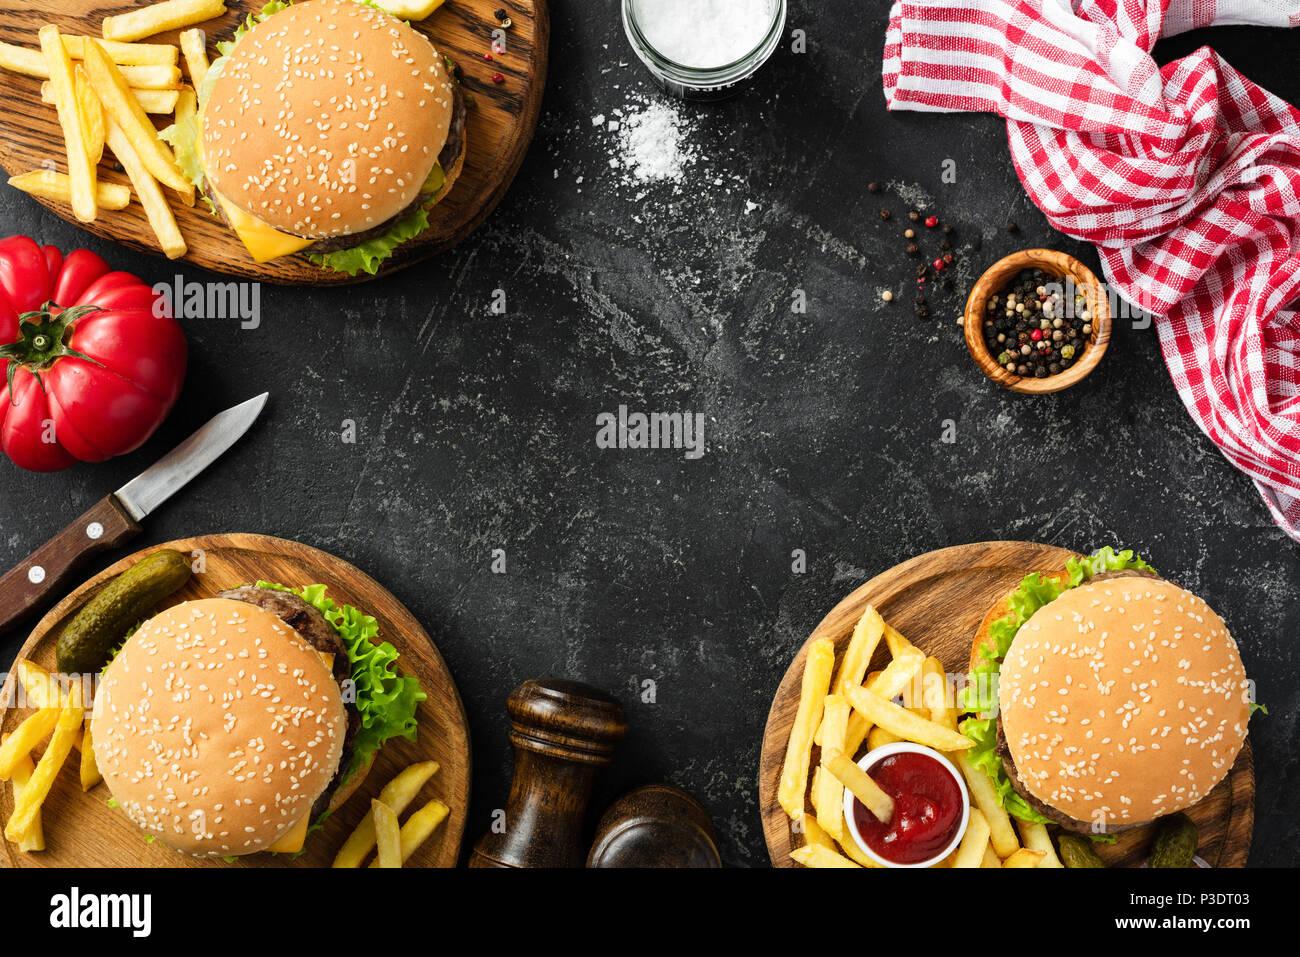 Les hamburgers et les frites sur pierre sombre arrière-plan, Vue de dessus avec l'exemplaire de l'espace. Des hamburgers et des frites. Concept de restauration rapide ou installations pour barbecue Photo Stock